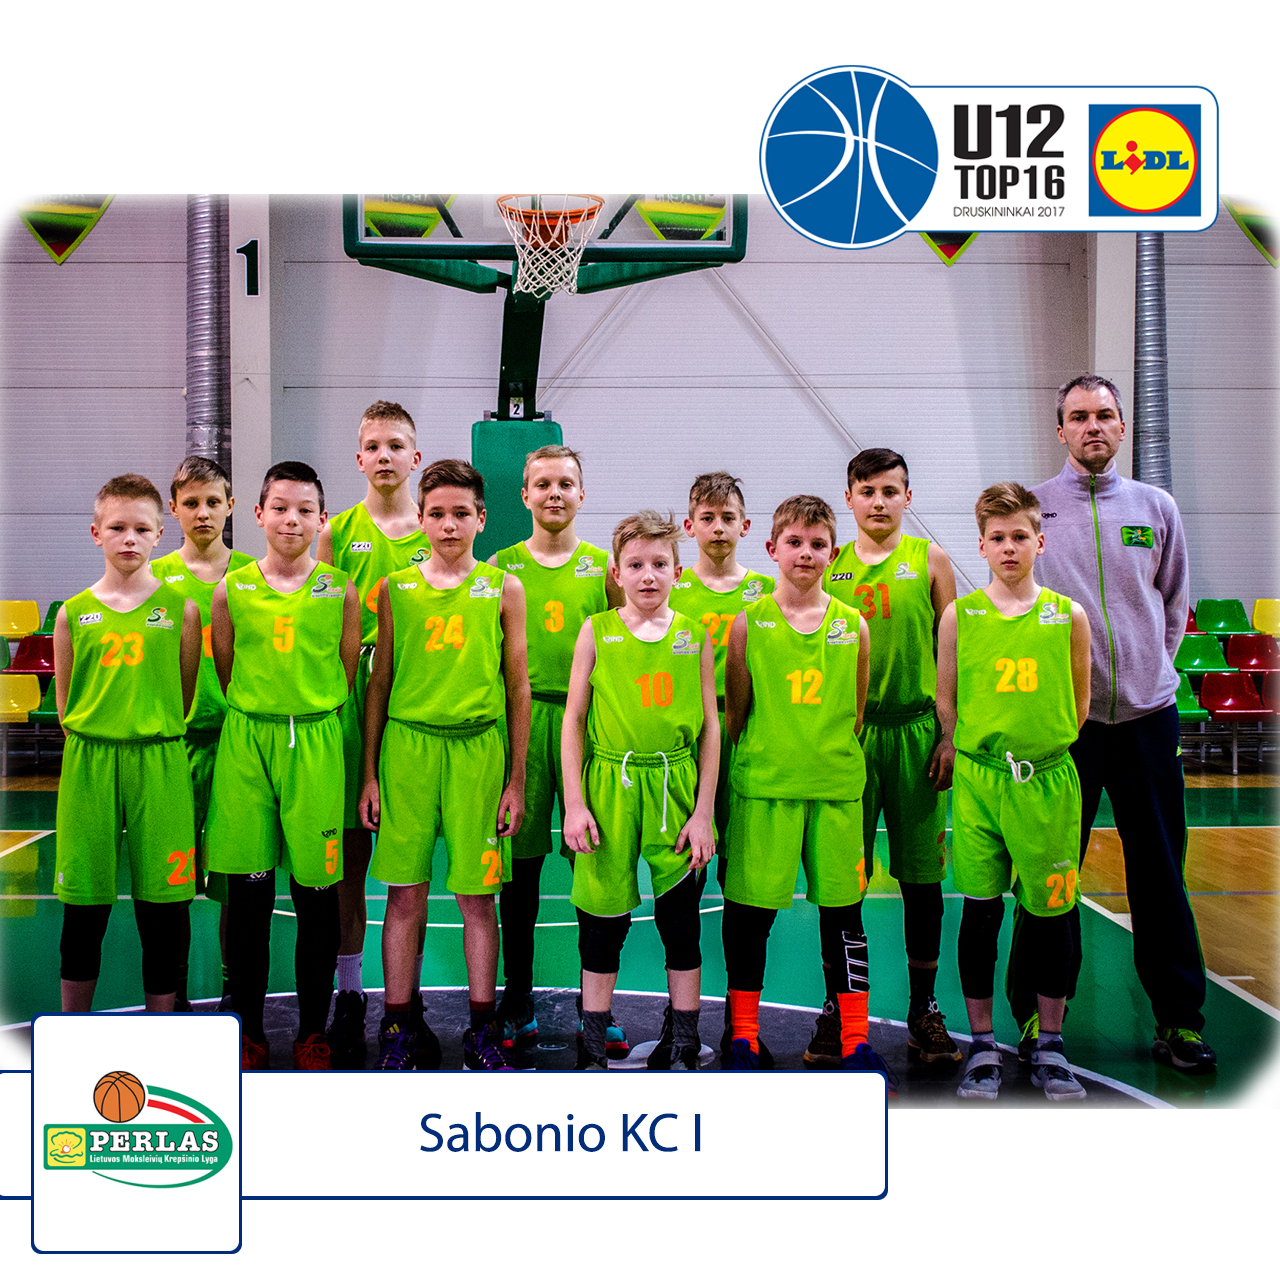 MKL_U12_SabonioKC_I_paruosta